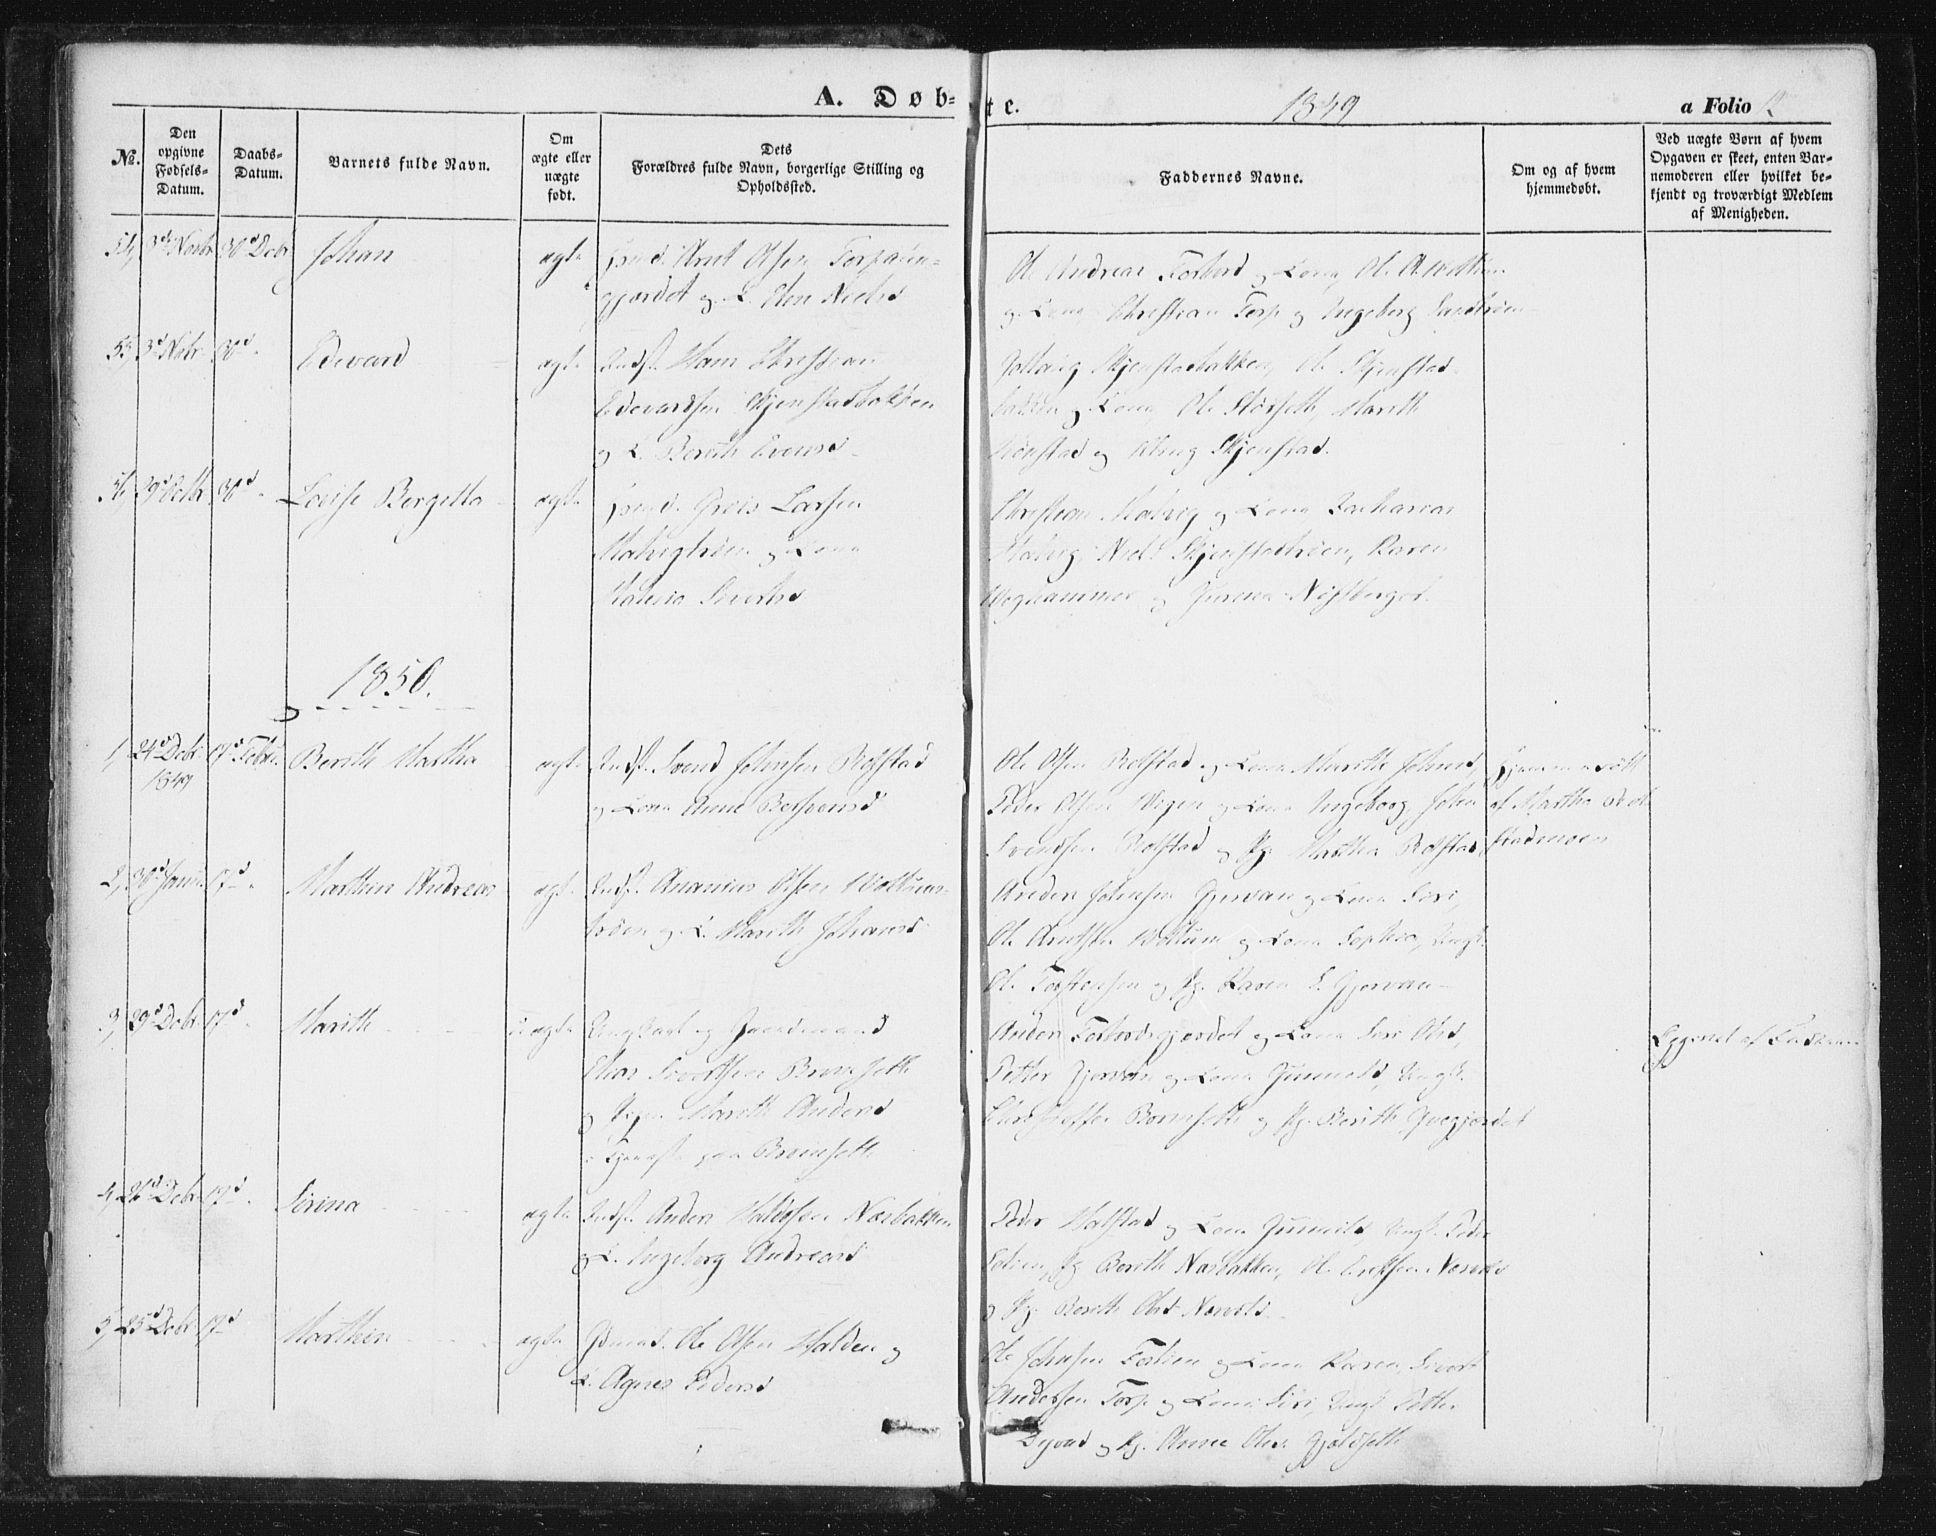 SAT, Ministerialprotokoller, klokkerbøker og fødselsregistre - Sør-Trøndelag, 616/L0407: Ministerialbok nr. 616A04, 1848-1856, s. 12